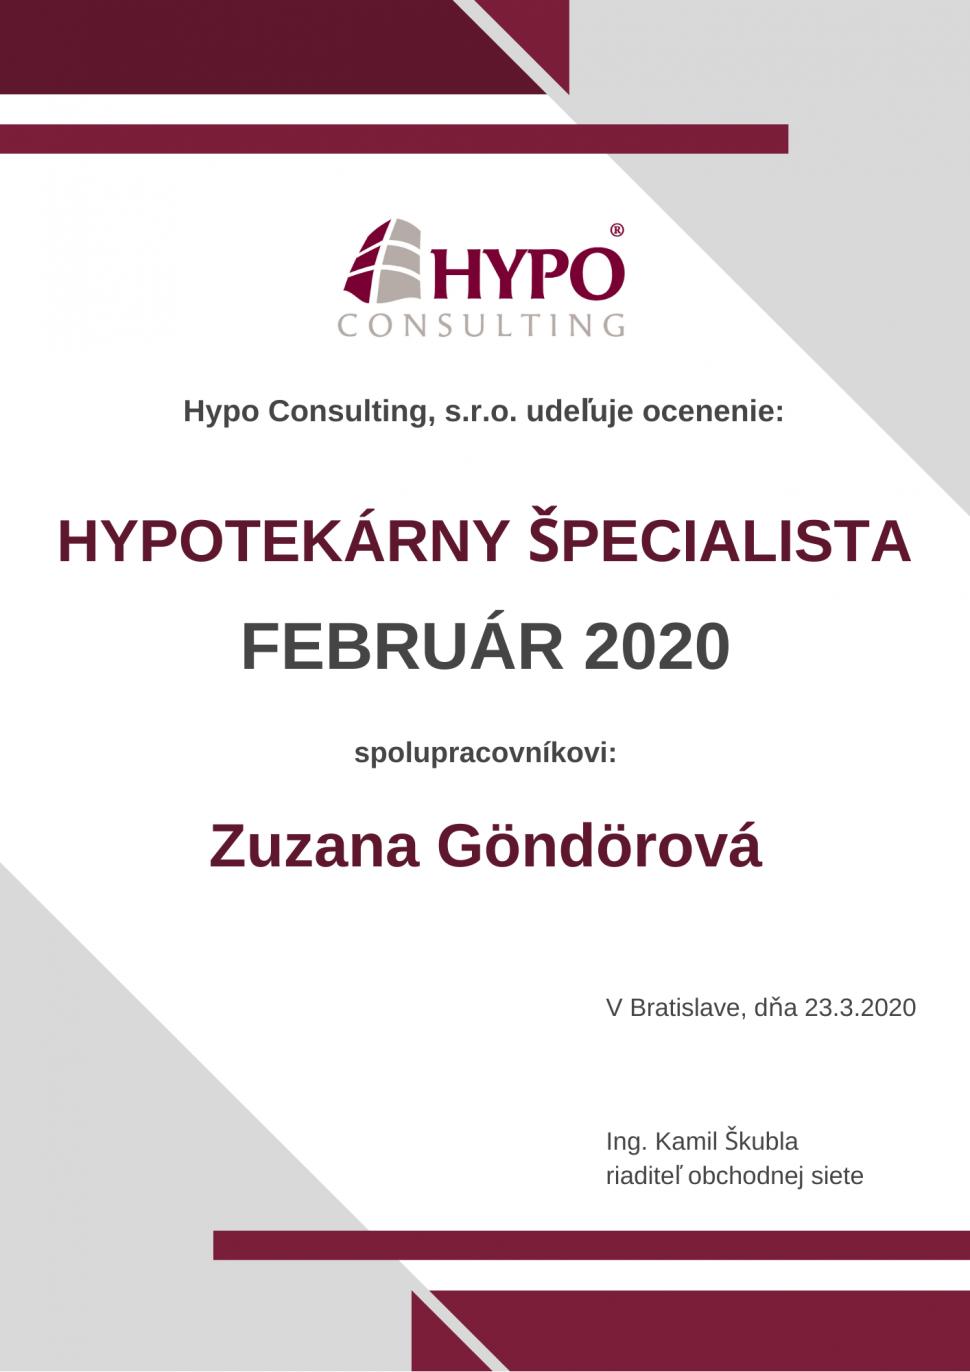 Hypotekárny špecialista FEBRUÁR 2020